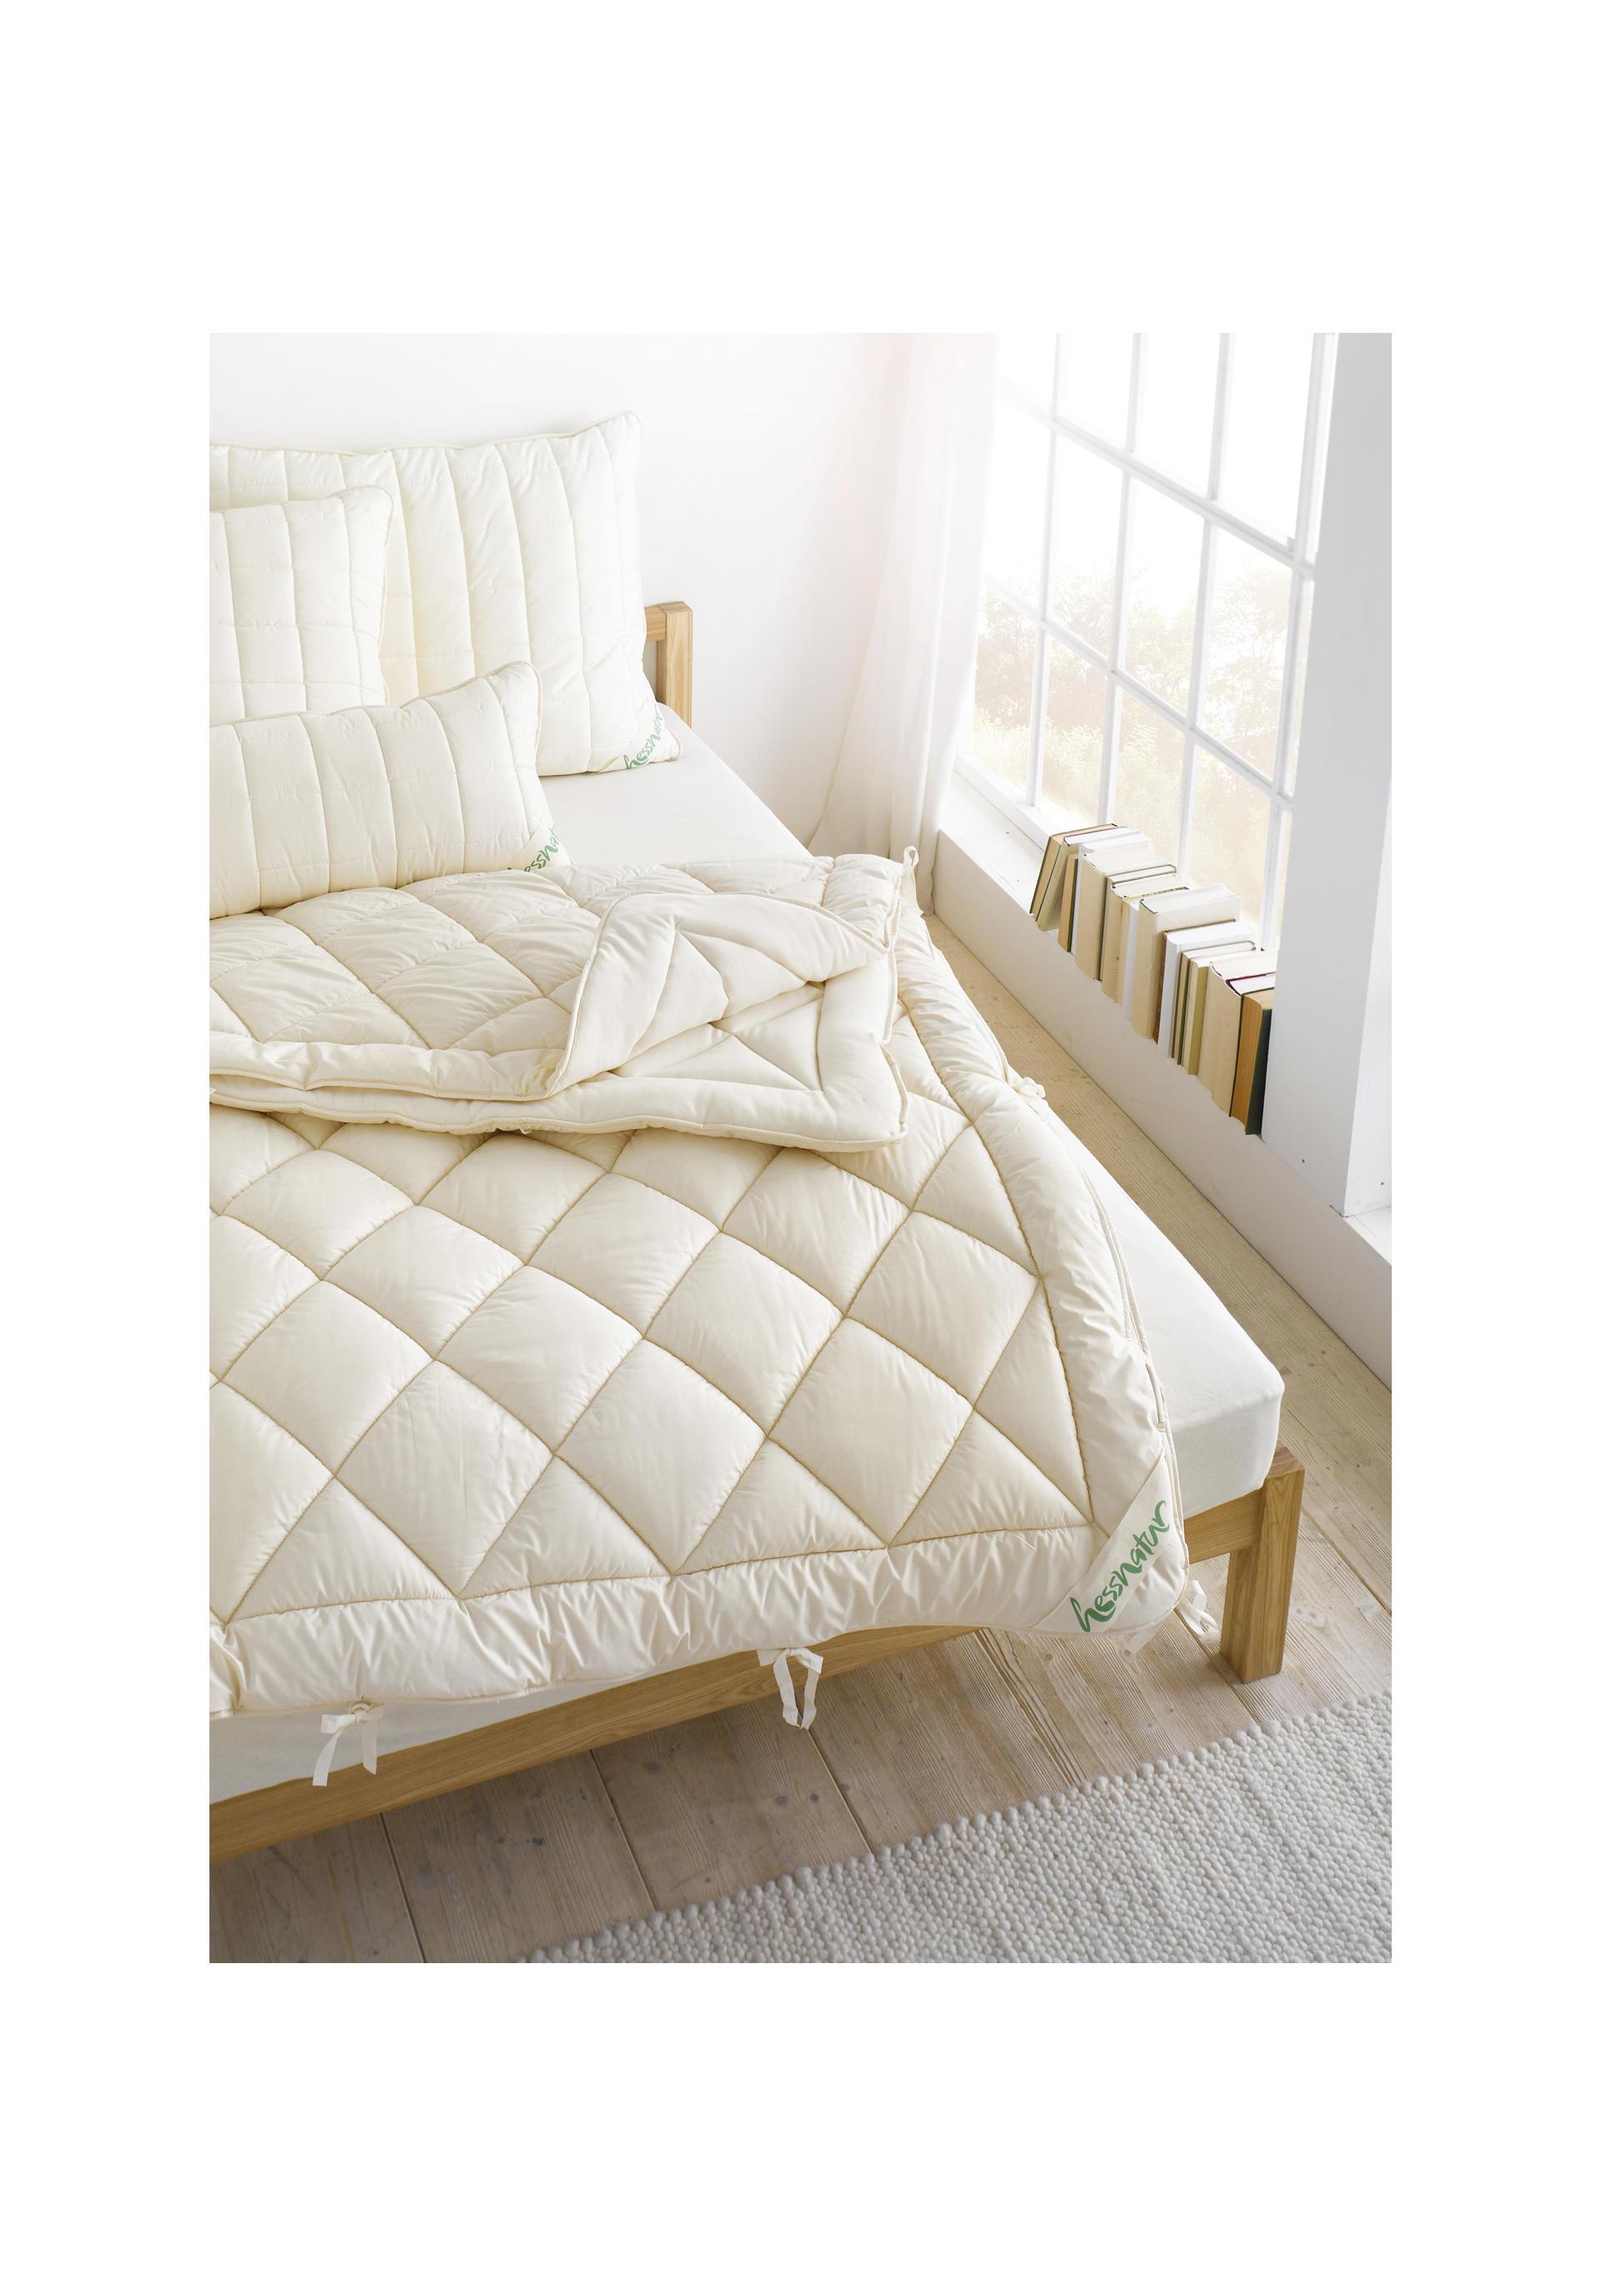 4 jahreszeitendecke bio schurwolle mit wendeseite hessnatur sterreich. Black Bedroom Furniture Sets. Home Design Ideas